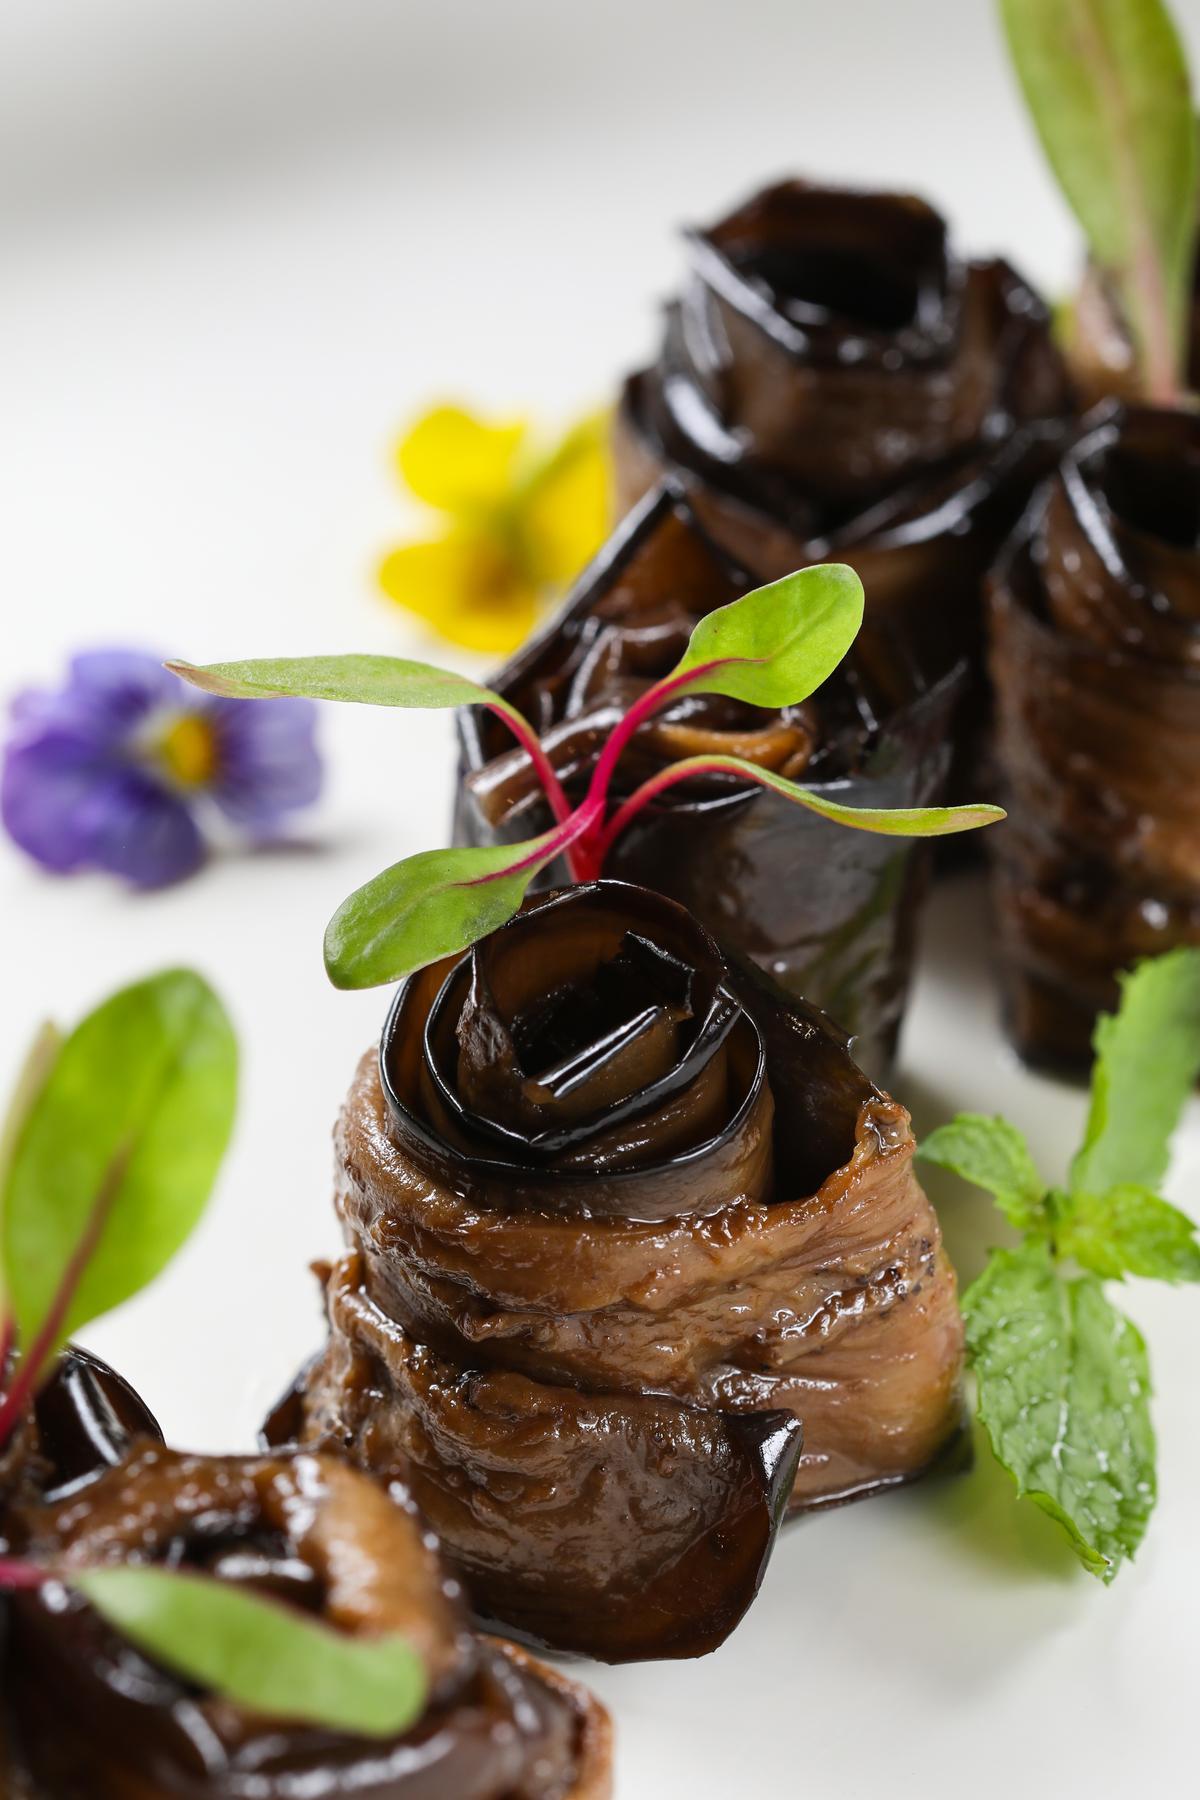 「莎莎燒茄子」得先上爐燒烤後撕去外皮,吃來軟嫩有炭烤香氣。(人民幣28元/份,約NT$136)